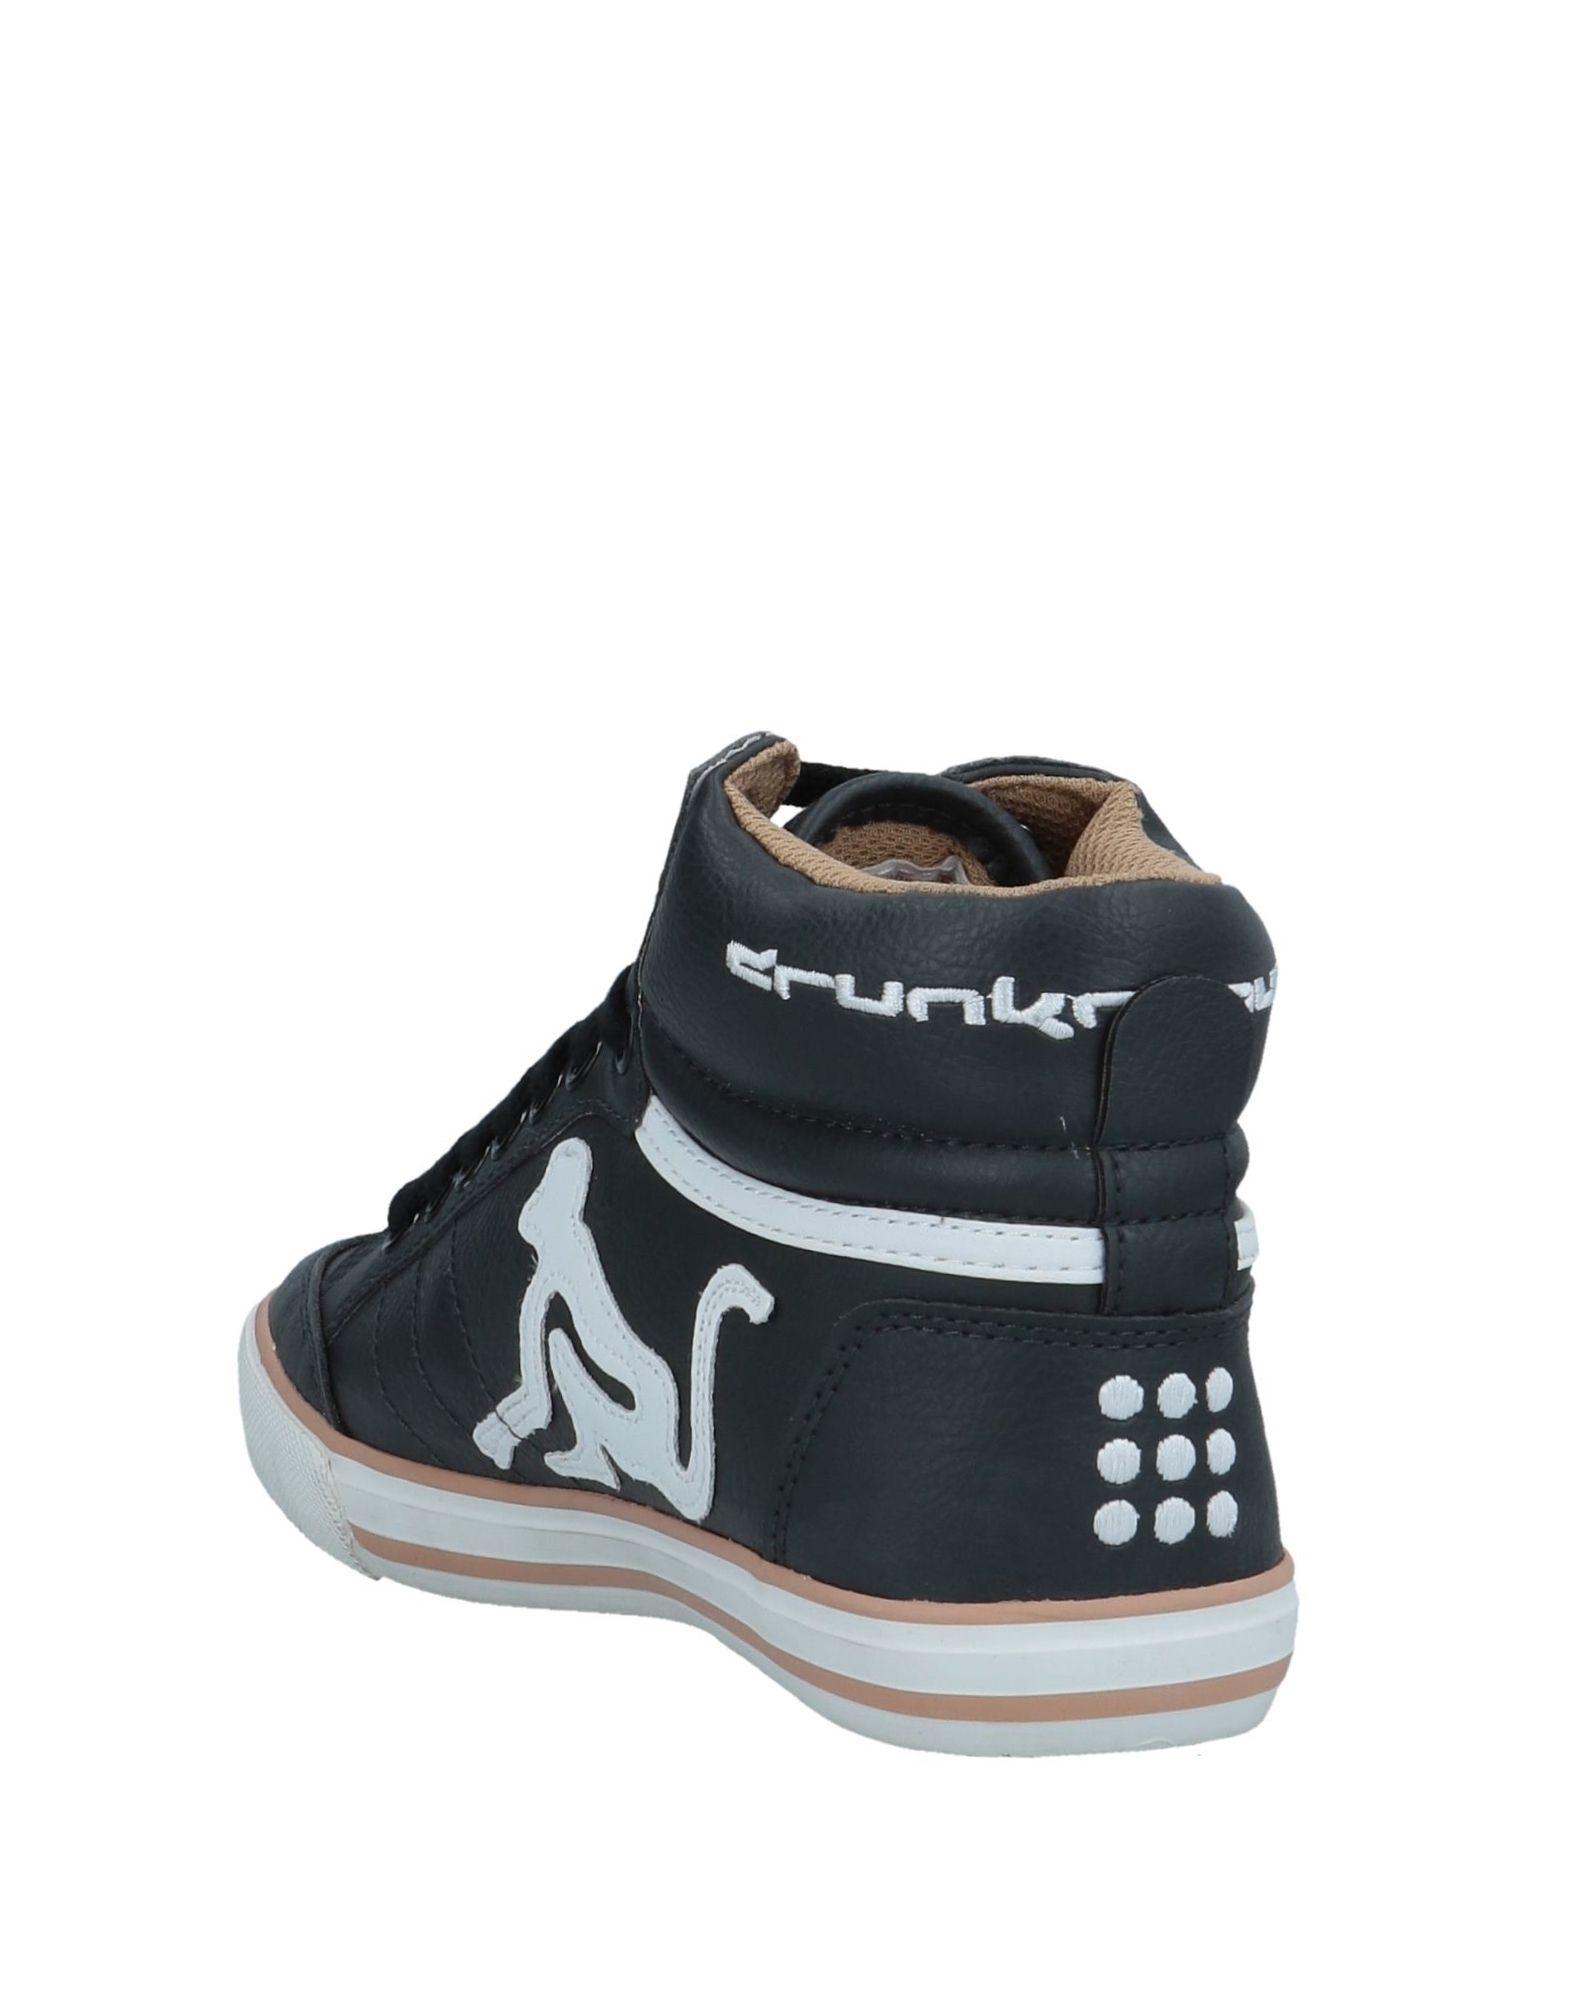 Drunknmunky 11551728UE Sneakers Damen  11551728UE Drunknmunky Gute Qualität beliebte Schuhe 6991ff